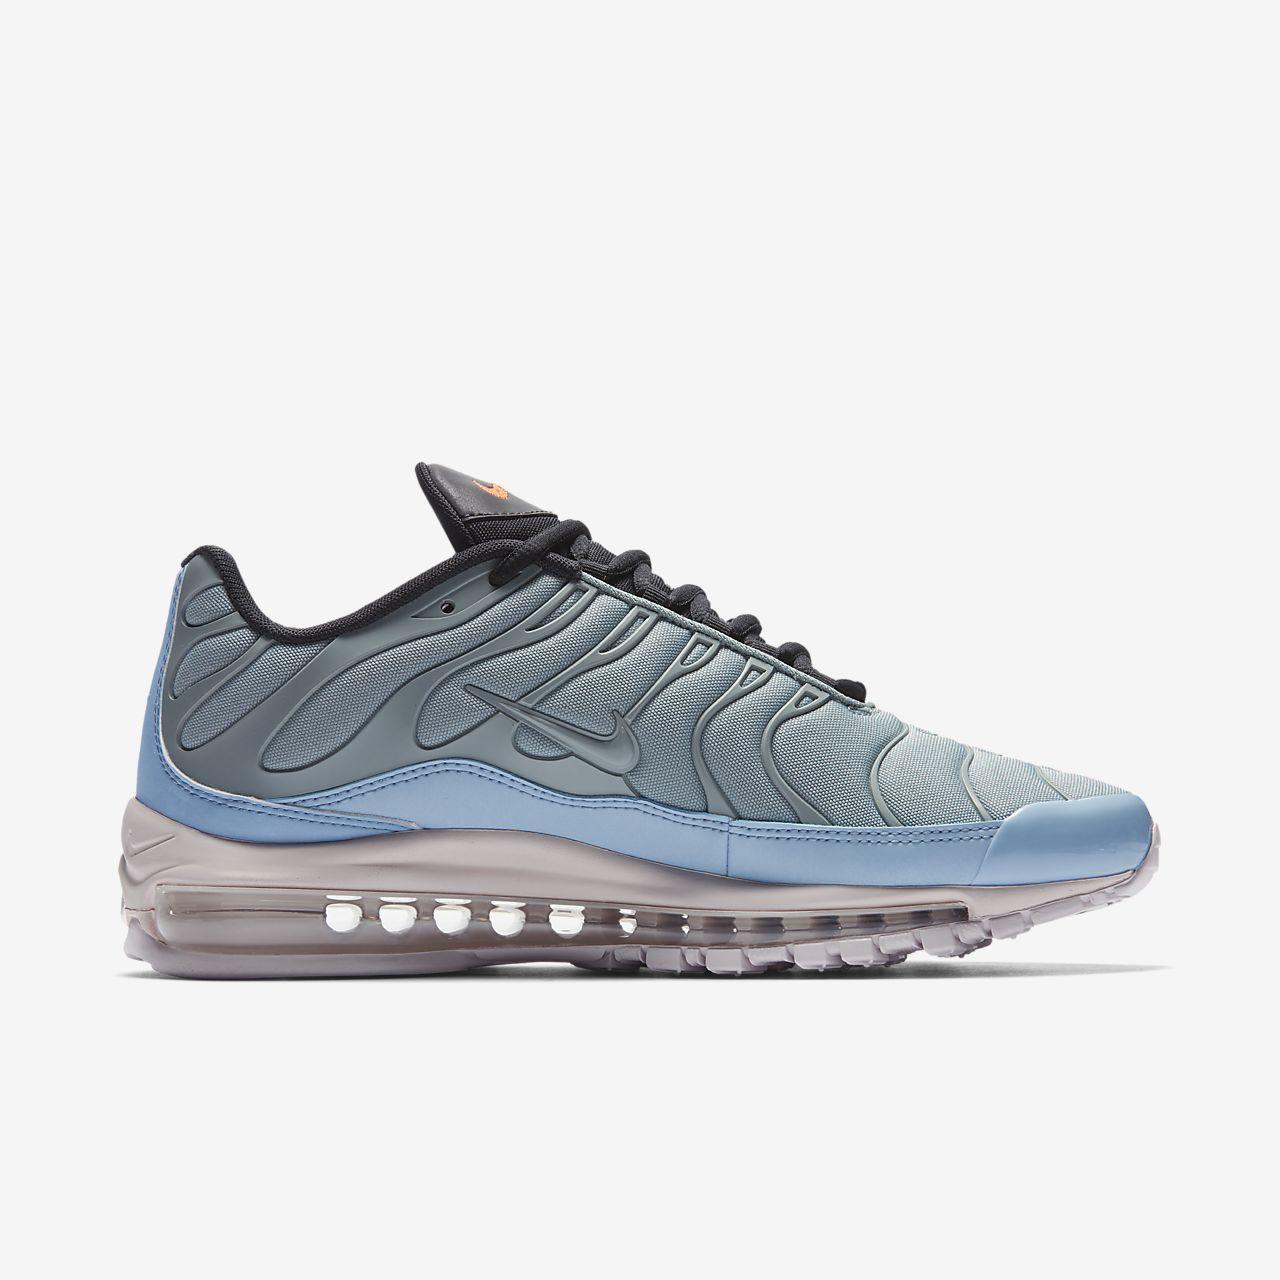 half off ab3fa e1e15 Scarpa - Uomo. Nike Air Max 97 Plus